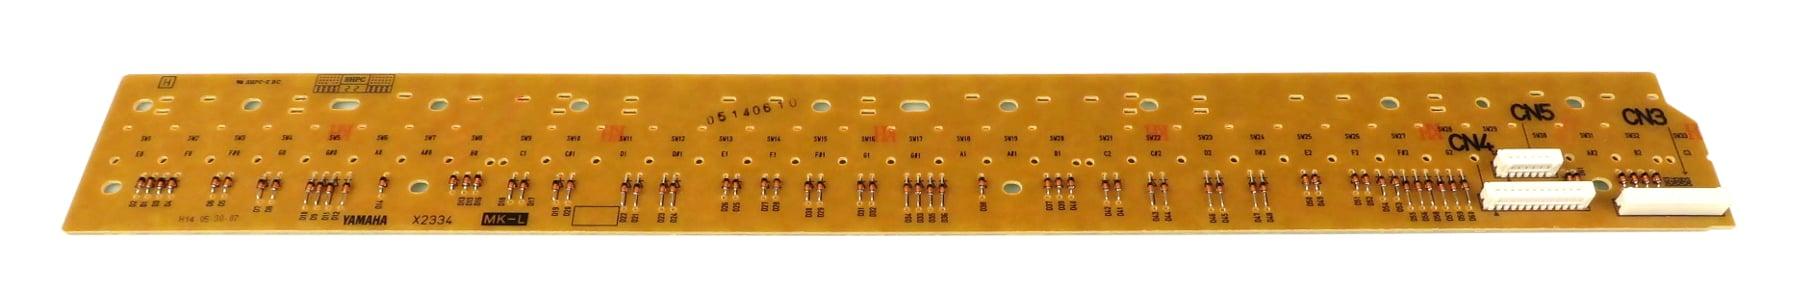 MK PCB for DGX-205